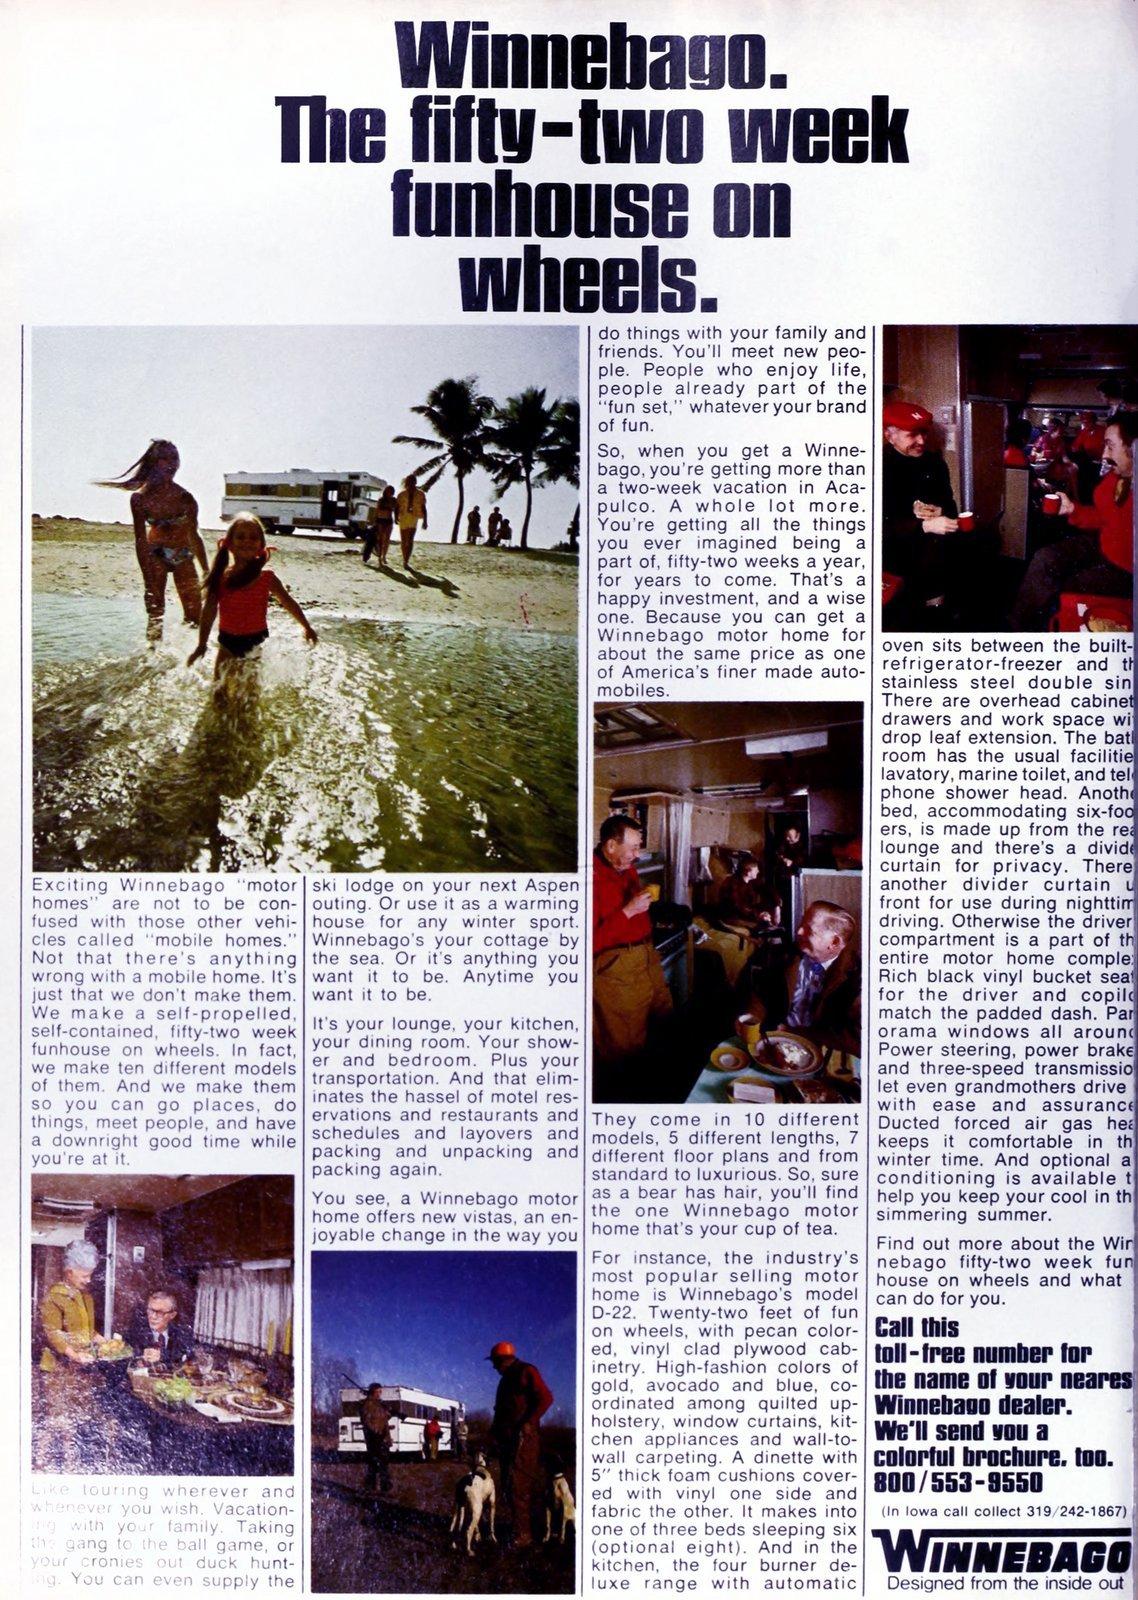 Winnebago The fifty-two week funhouse on wheels (1970)